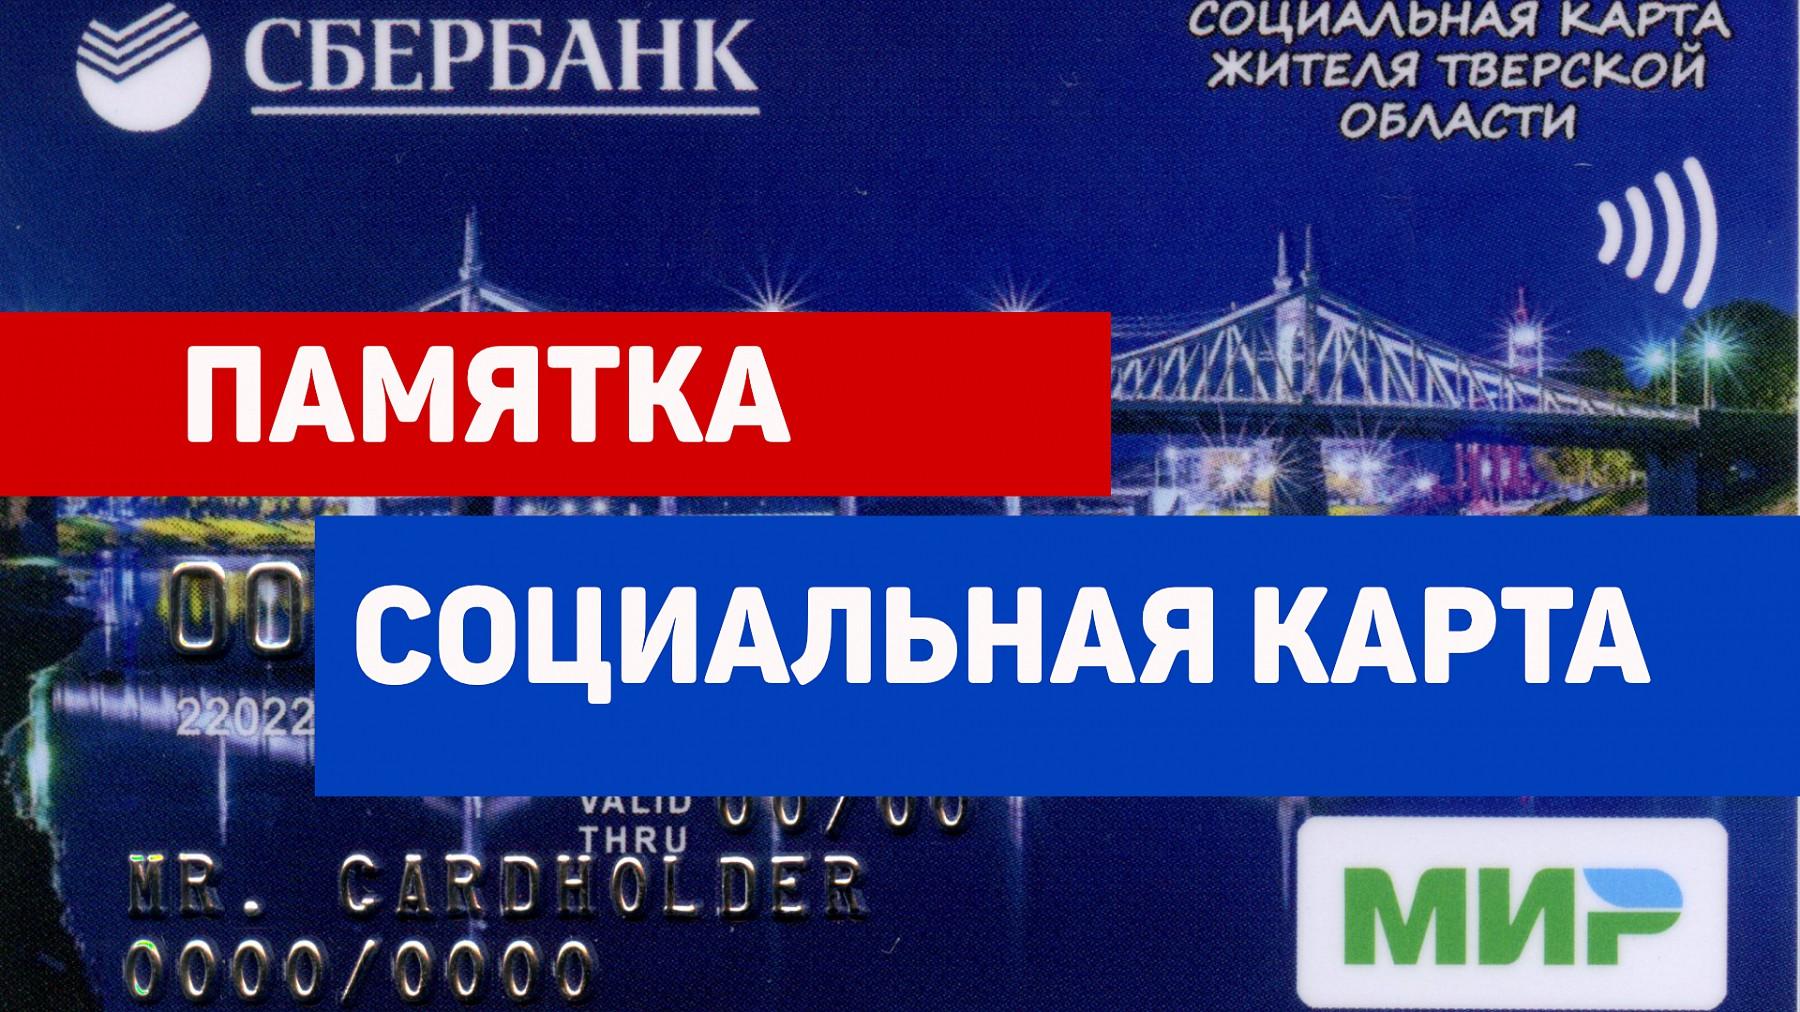 карты сбербанка 2020 году взять микрозайм 1000 рублей